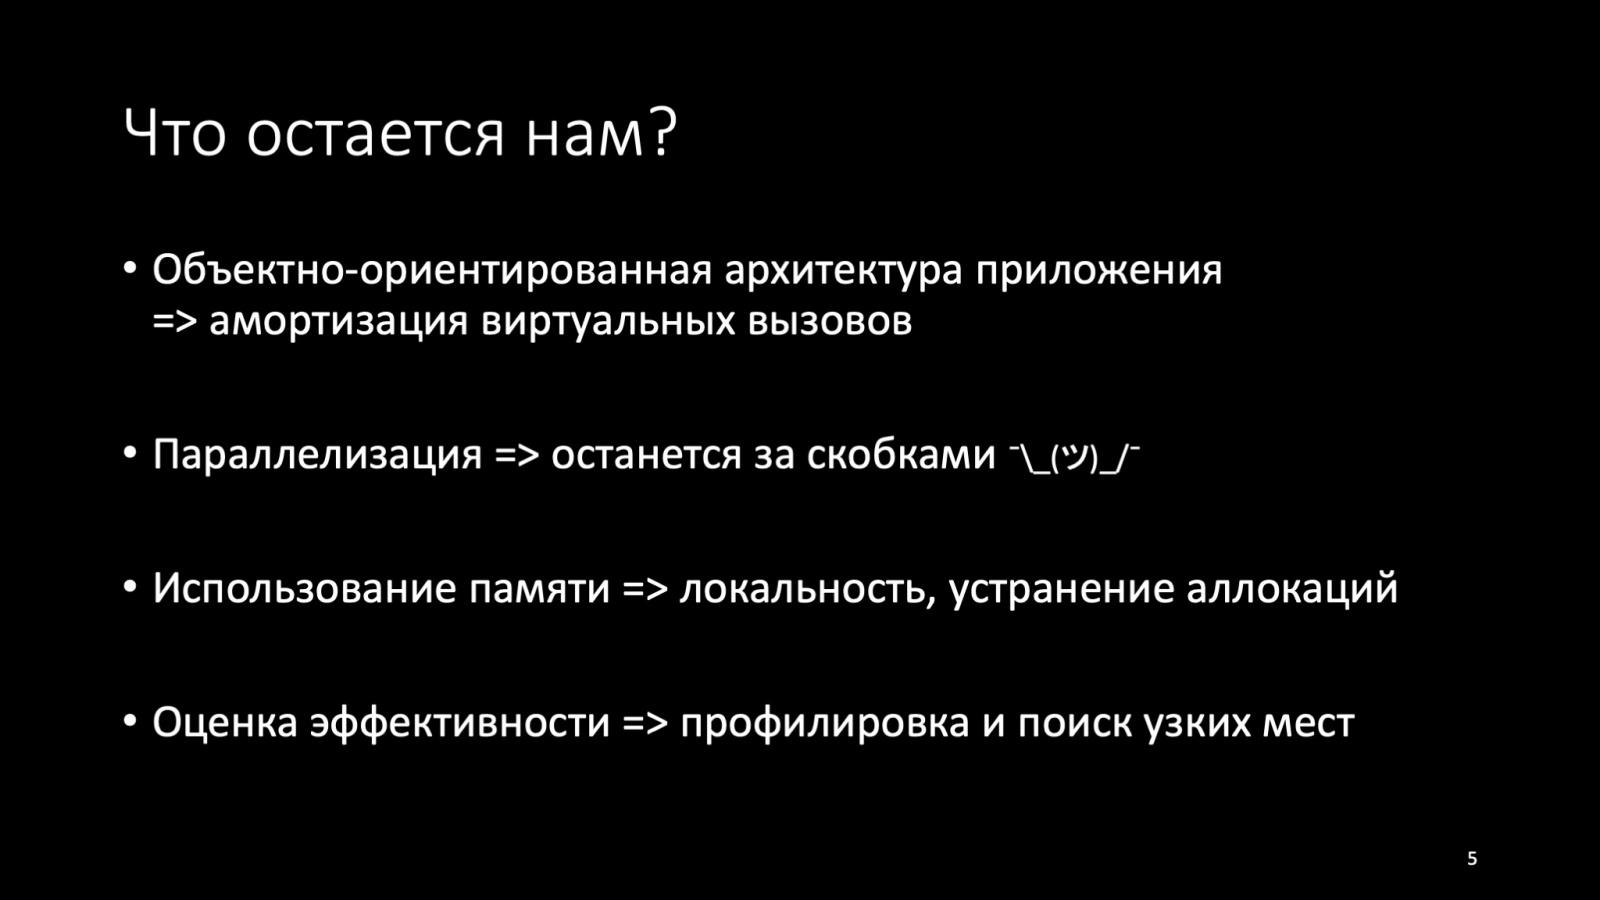 Оптимизация C++: совмещаем скорость и высокий уровень. Доклад Яндекса - 5